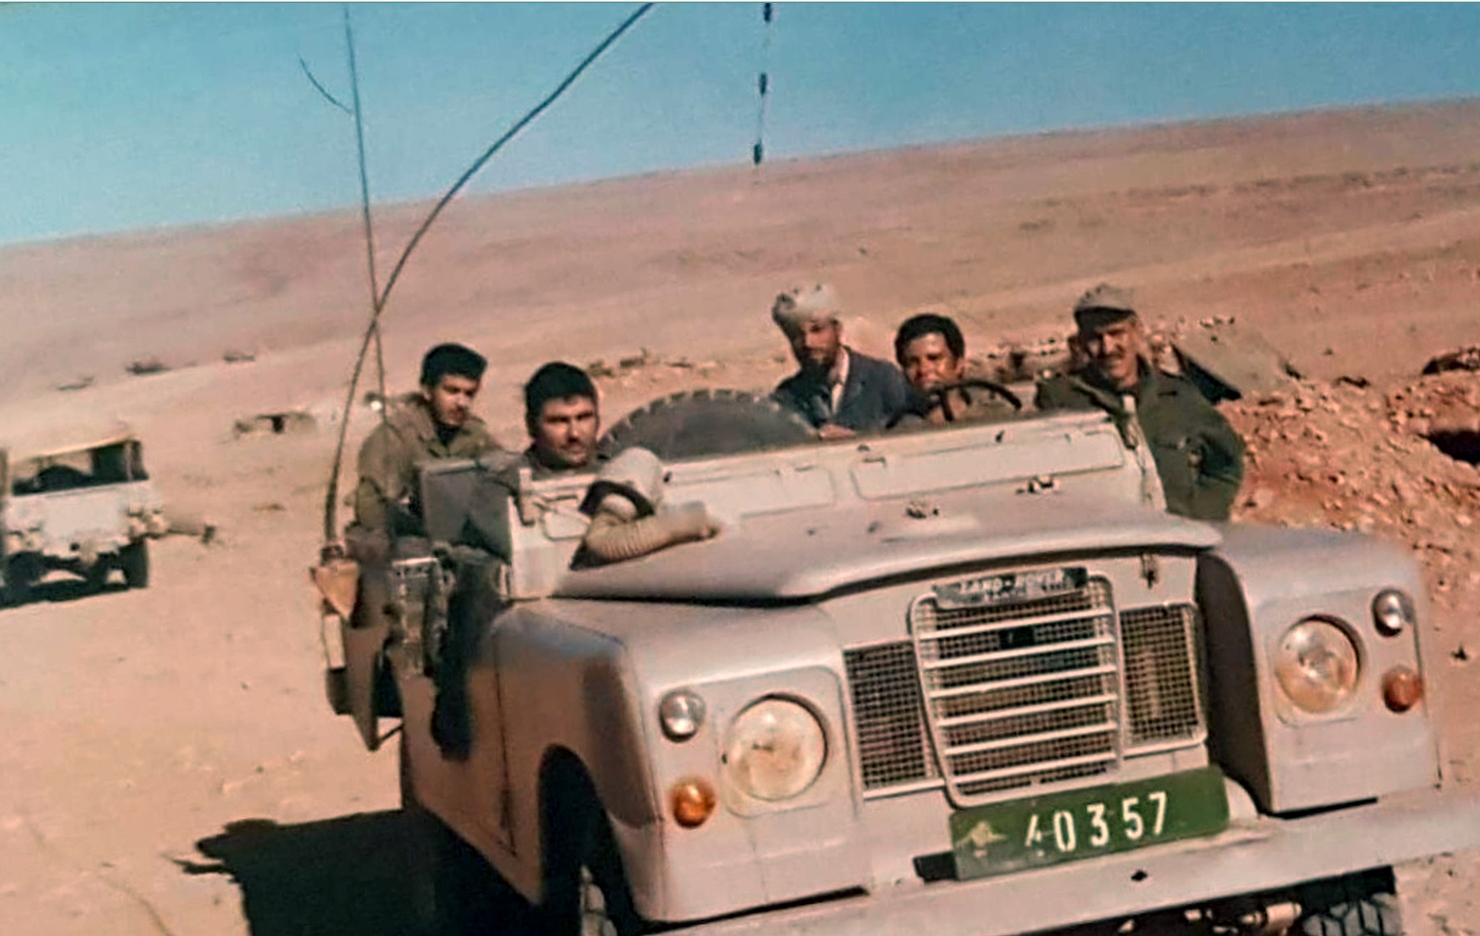 Le conflit armé du sahara marocain - Page 14 Clipb339